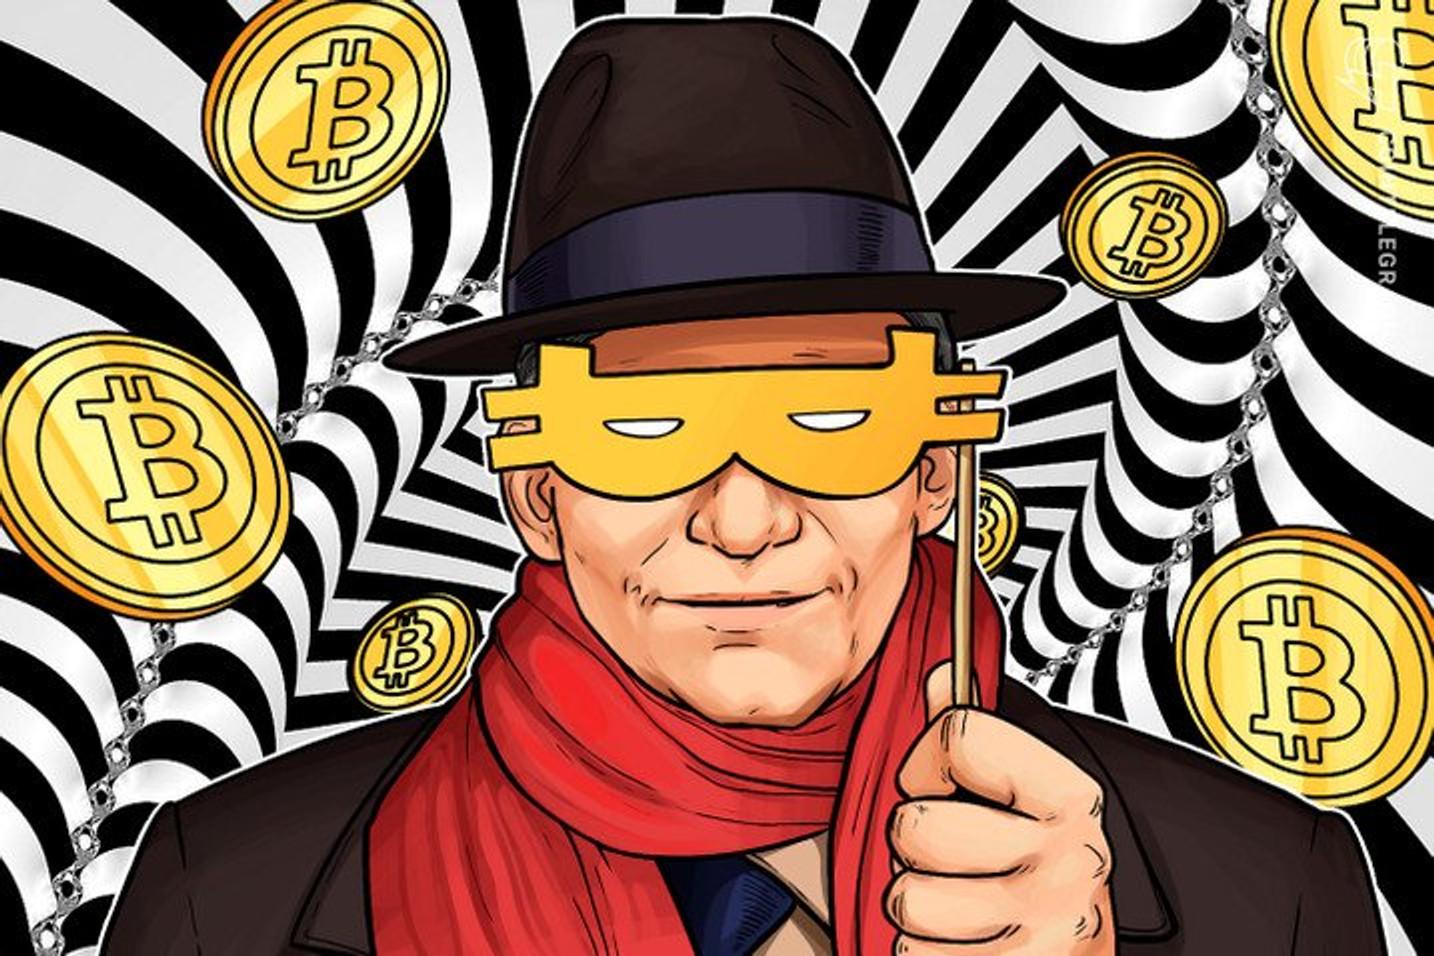 Satoshi Nakamoto? 50 Bitcoins gerados no bloco 3654 e parados desde fevereiro de 2009 são movidos